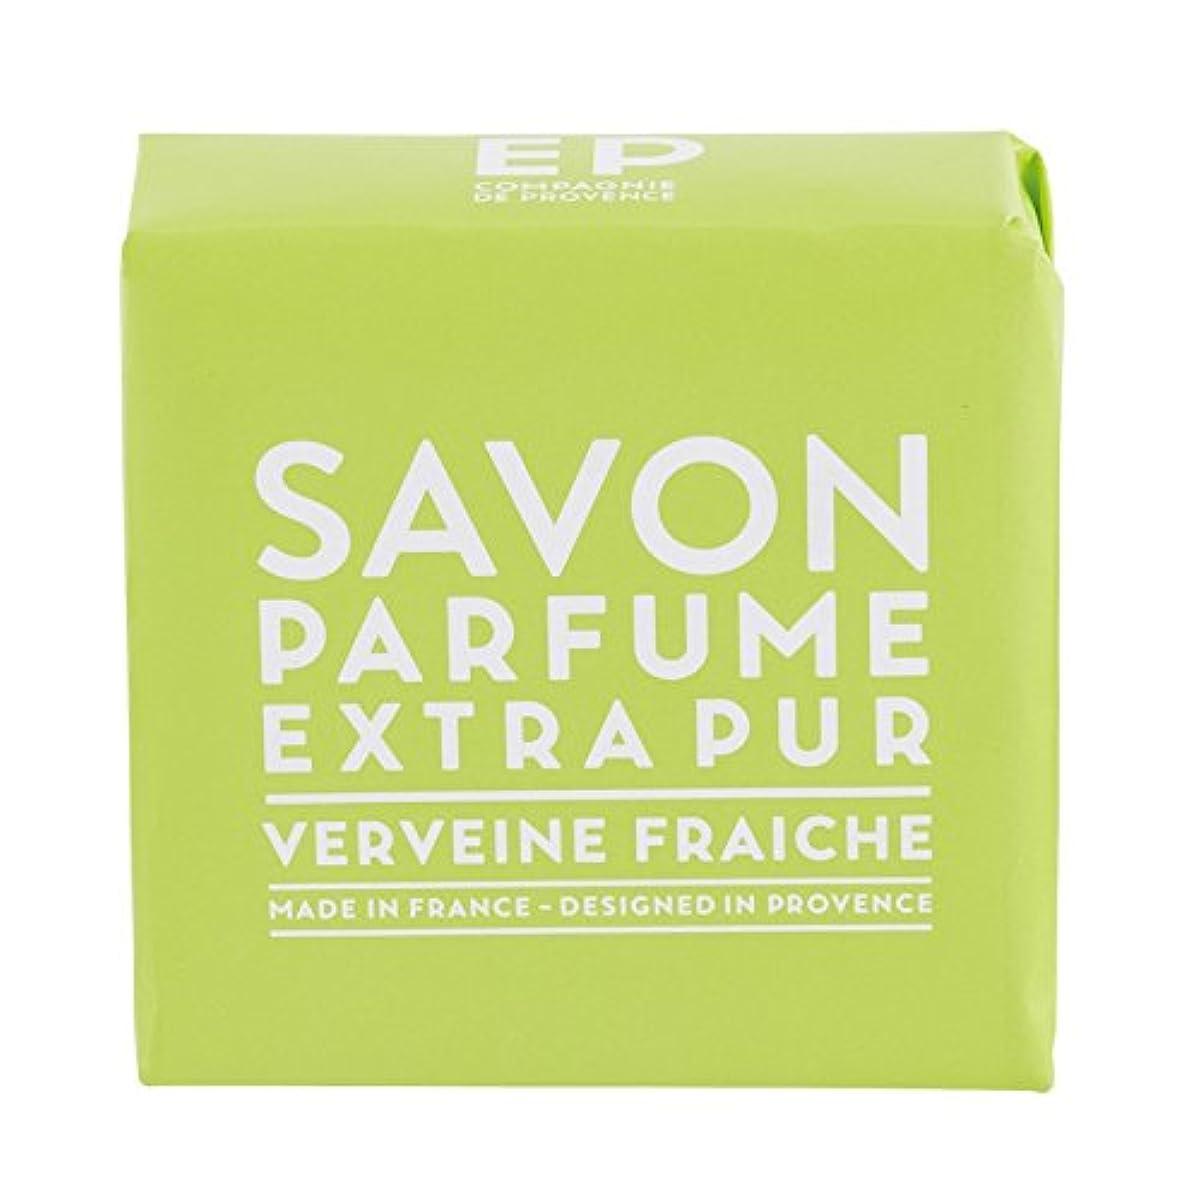 保守的十分なチーズカンパニードプロバンス EXP  マルセイユソープ バーベナ 100g(全身用石けん?フランス製?フレッシュで爽快感のあるバーベナの香り)